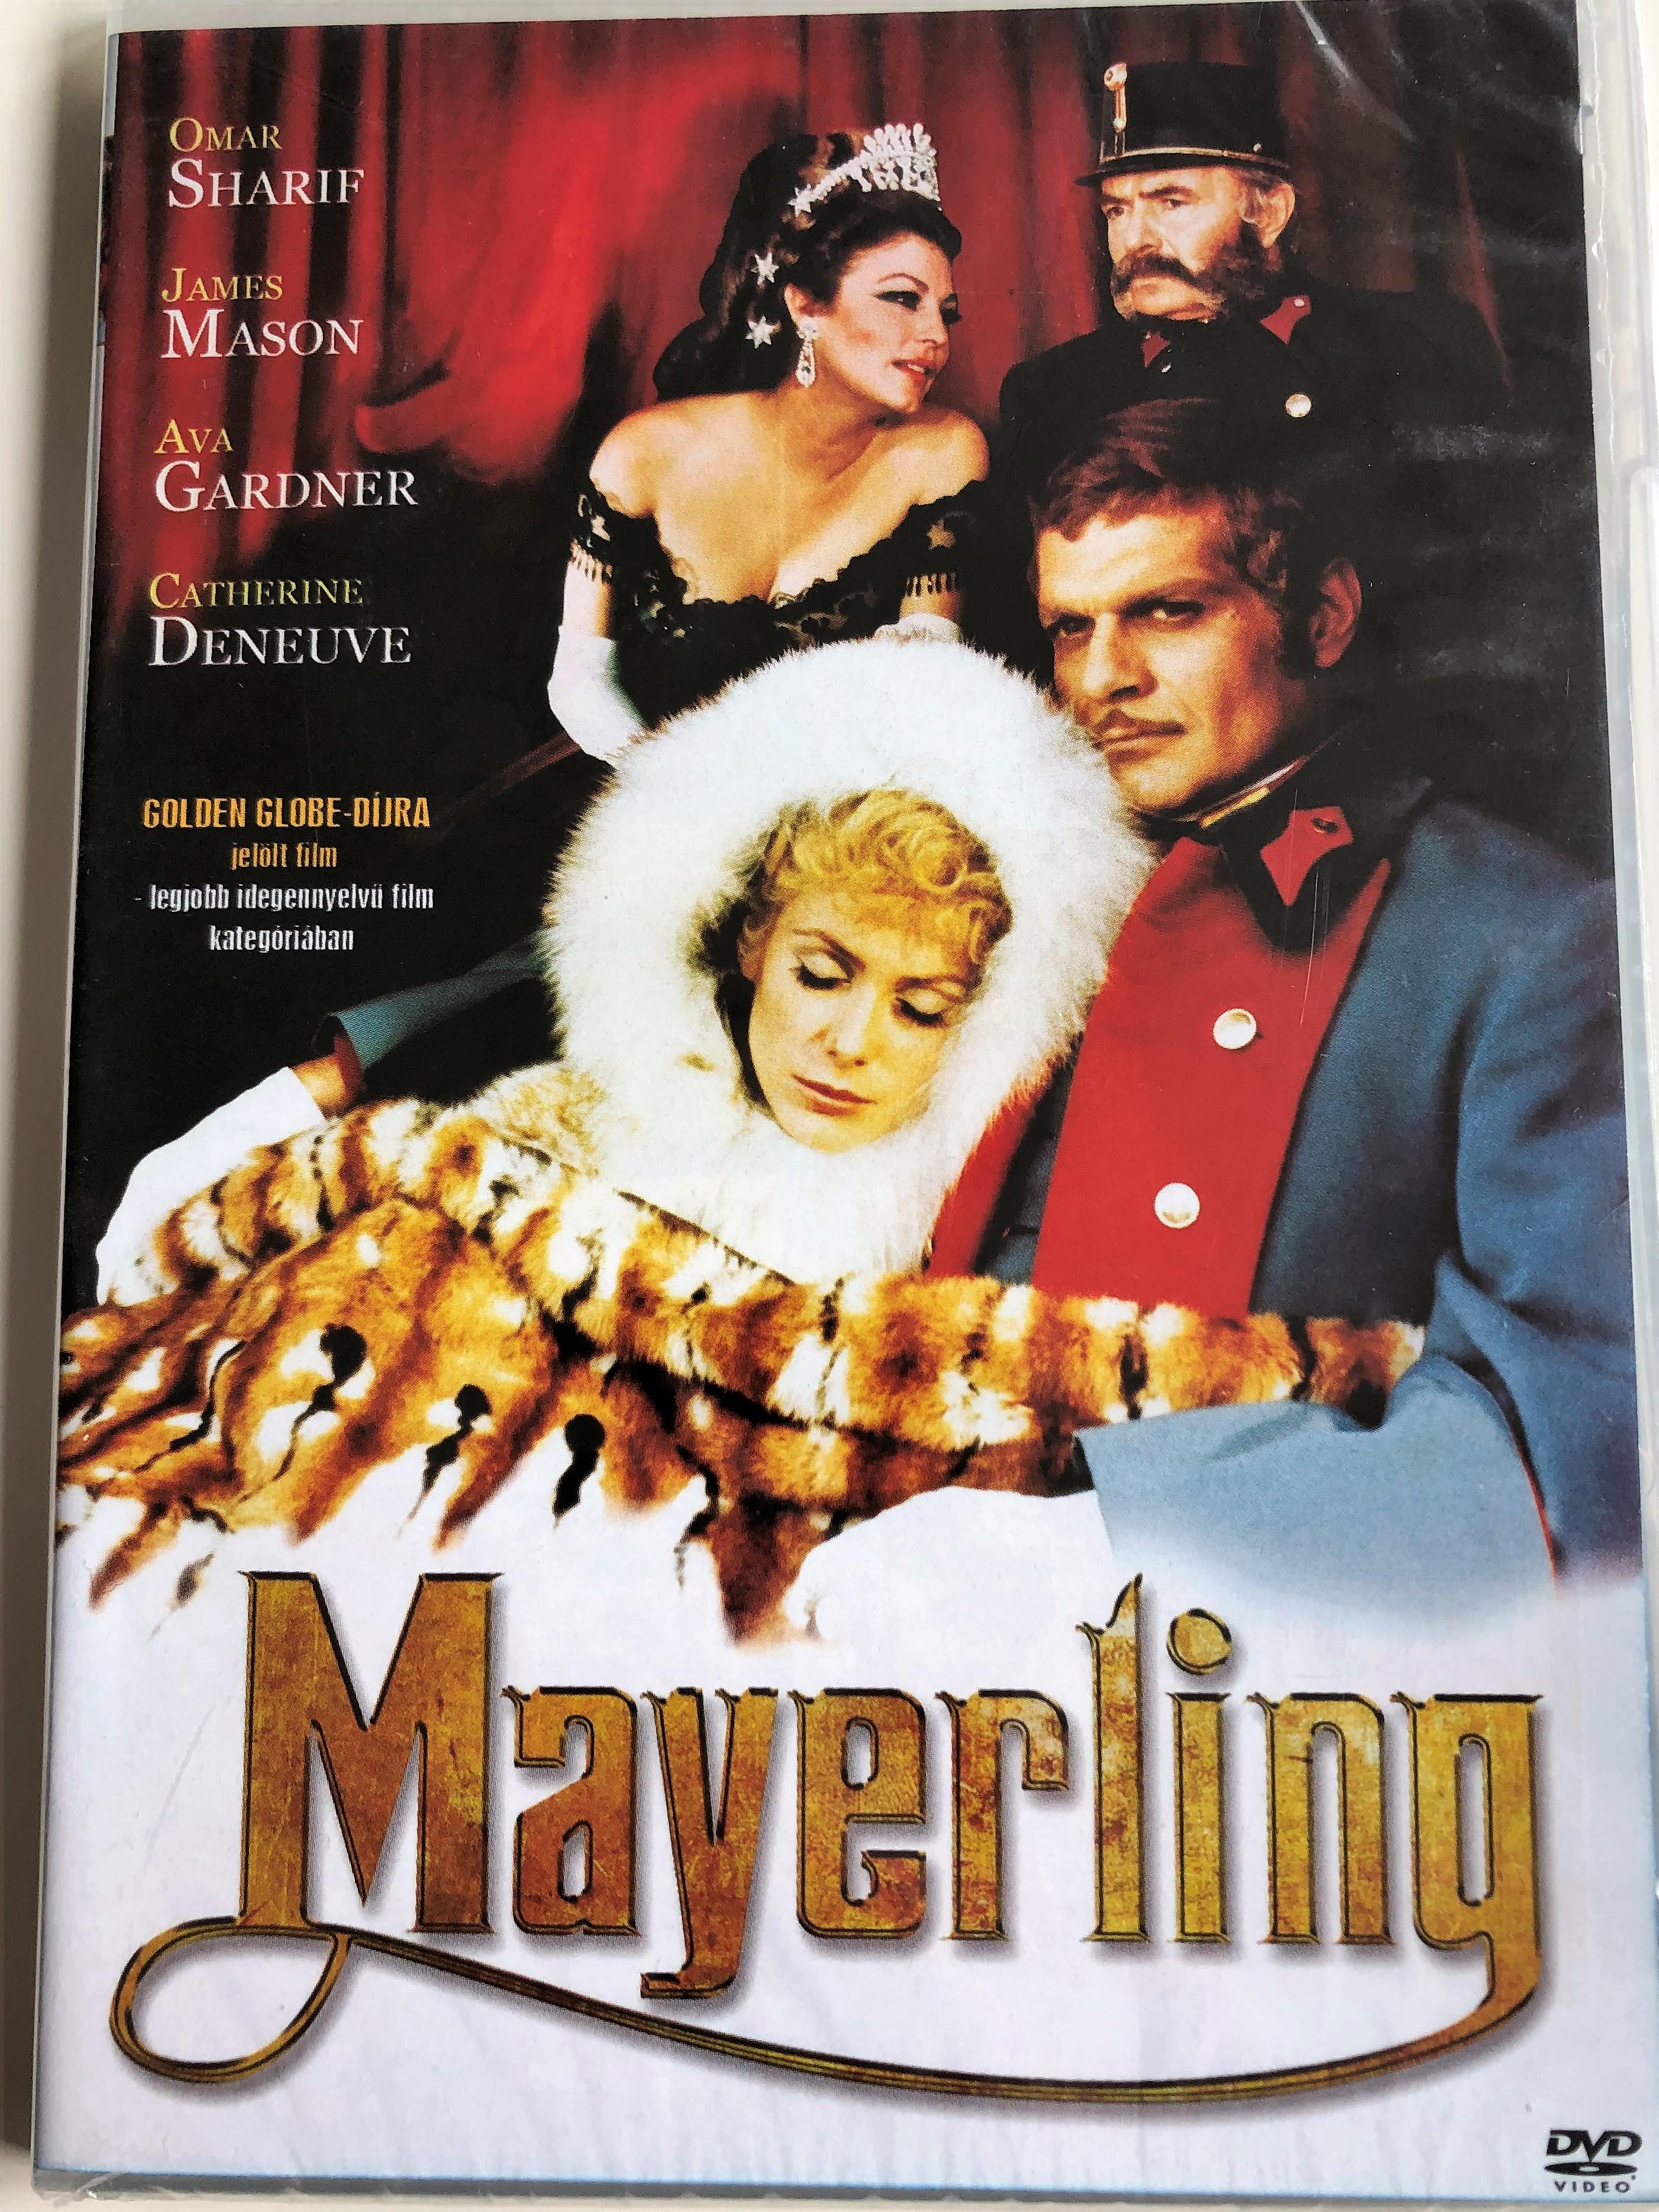 mayerling-dvd-1968-directed-by-terence-young-starring-omar-sharif-catherine-deneuve-james-mason-ava-gardner-1-.jpg